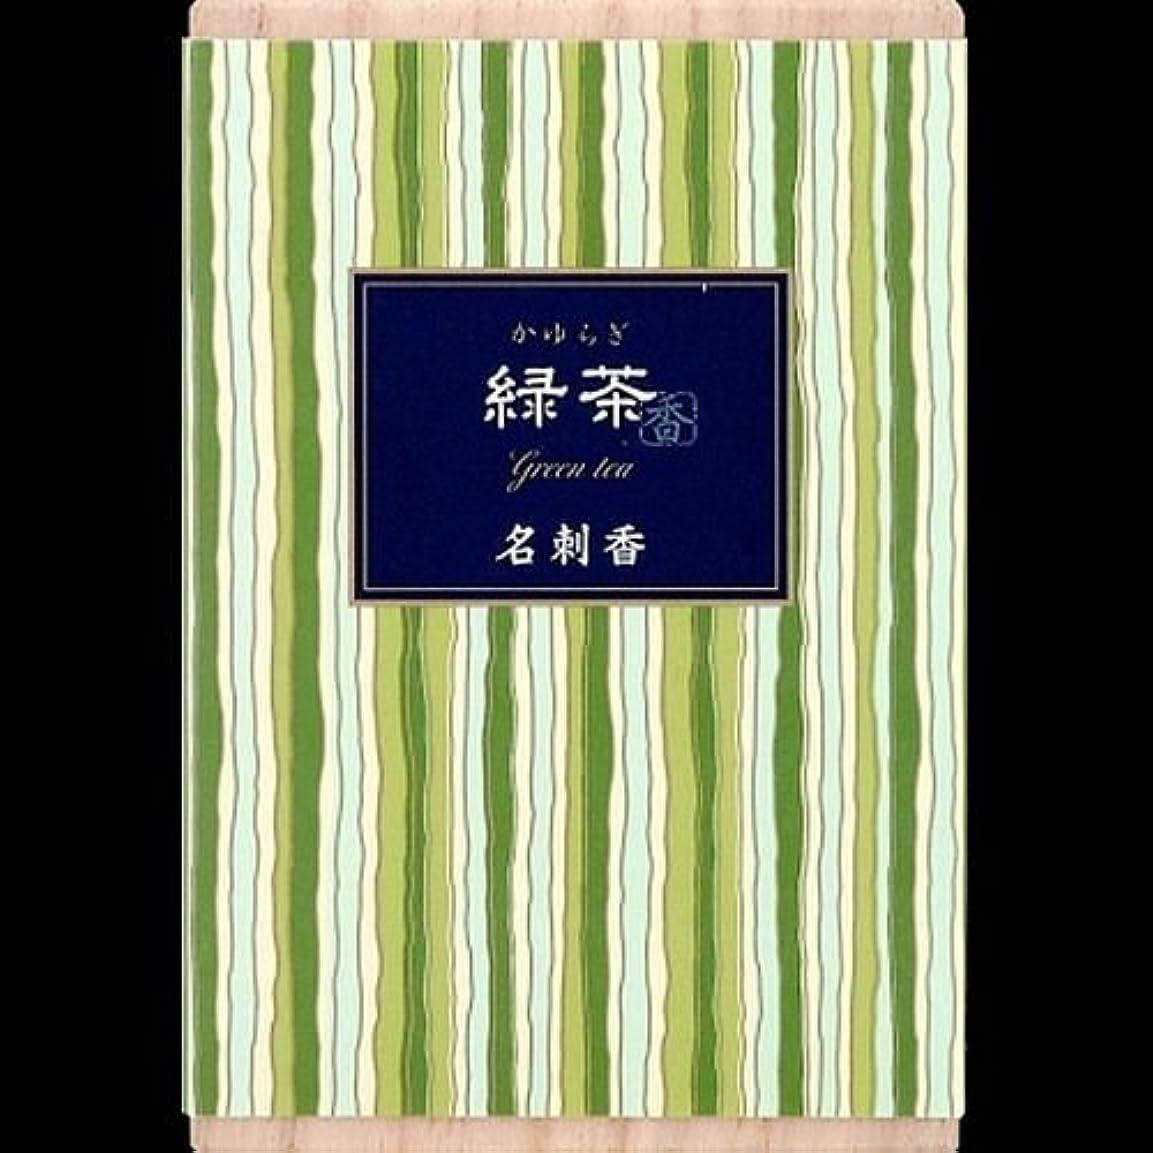 画像兄パスタ【まとめ買い】かゆらぎ 緑茶 名刺香 桐箱 6入 ×2セット